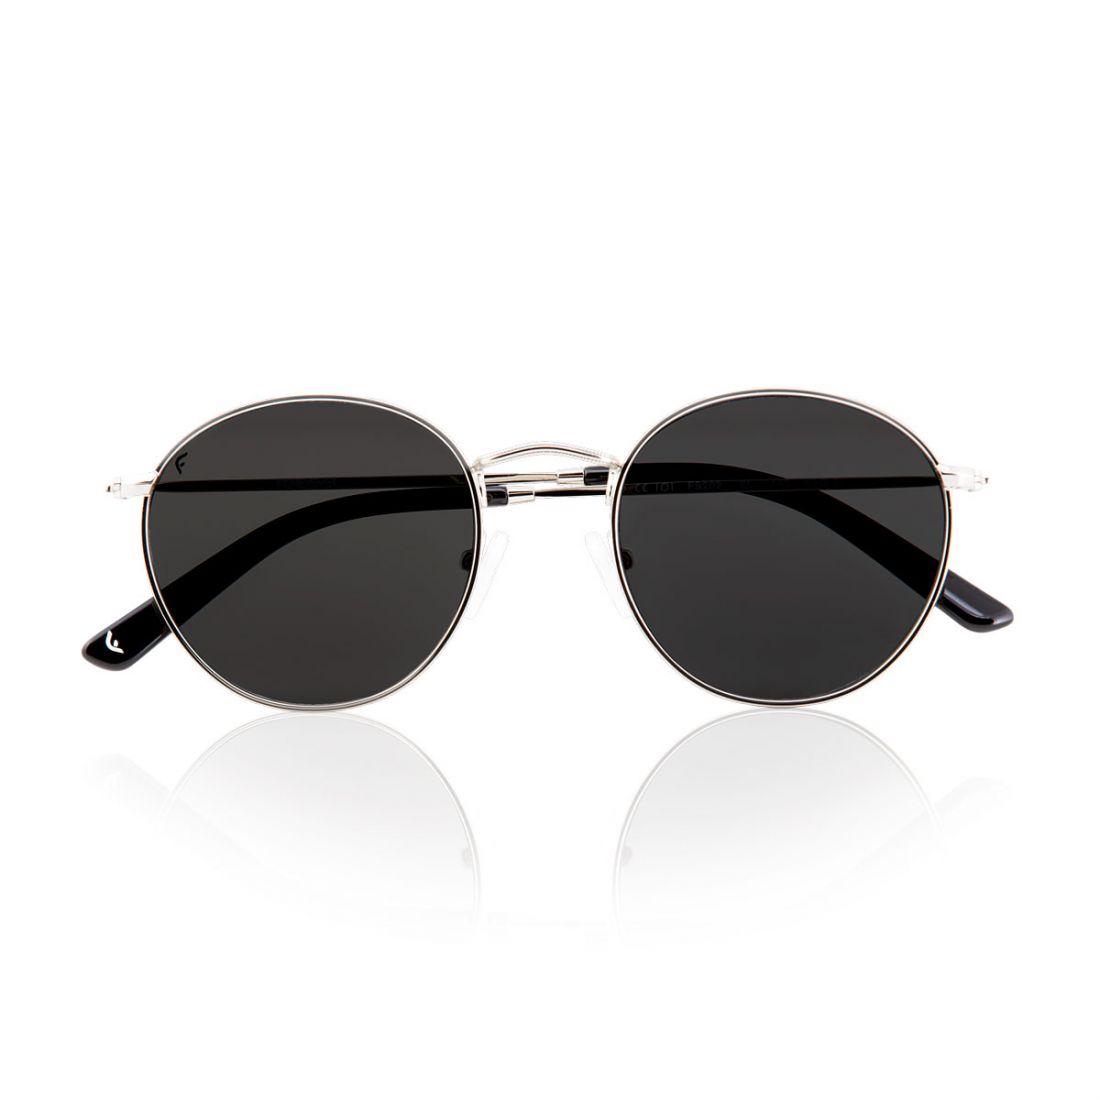 Nobody occhiali da sole in metallo lenti tonde verde nero for Occhiali da sole montatura in legno